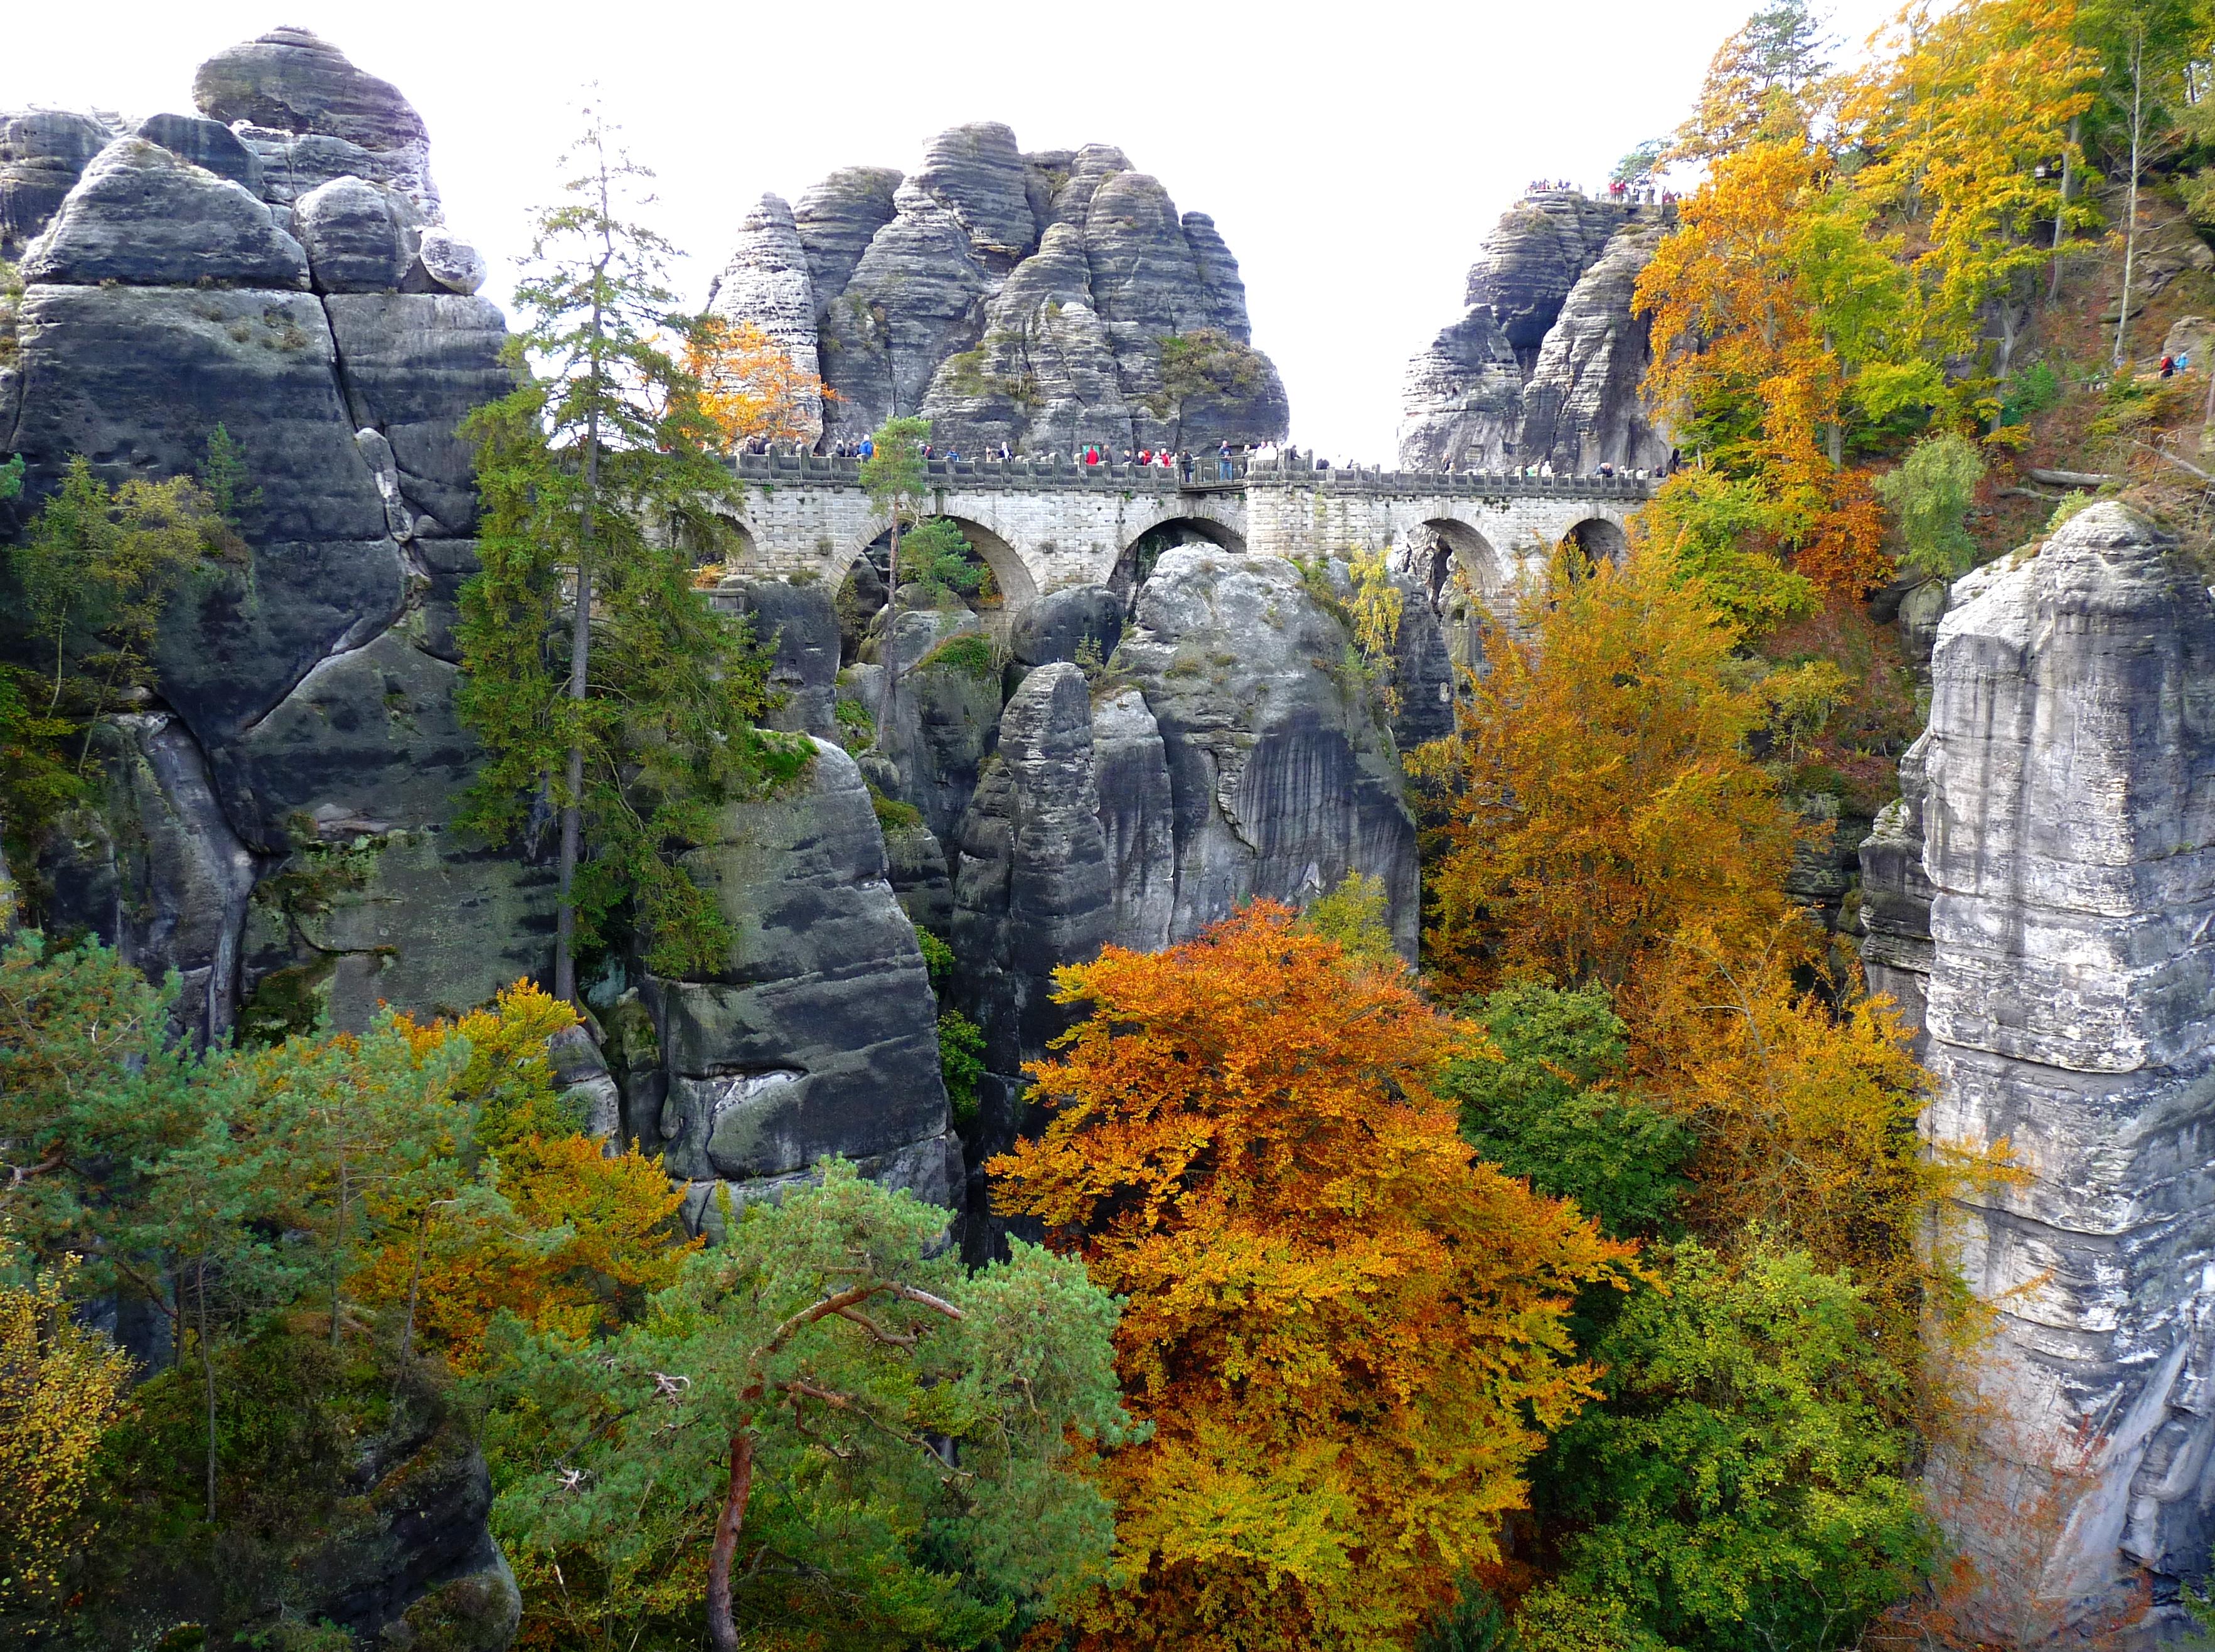 68323 Hintergrundbild 800x480 kostenlos auf deinem Handy, lade Bilder Landschaft, Natur, Bäume, Felsen, Die Steine, Brücke 800x480 auf dein Handy herunter